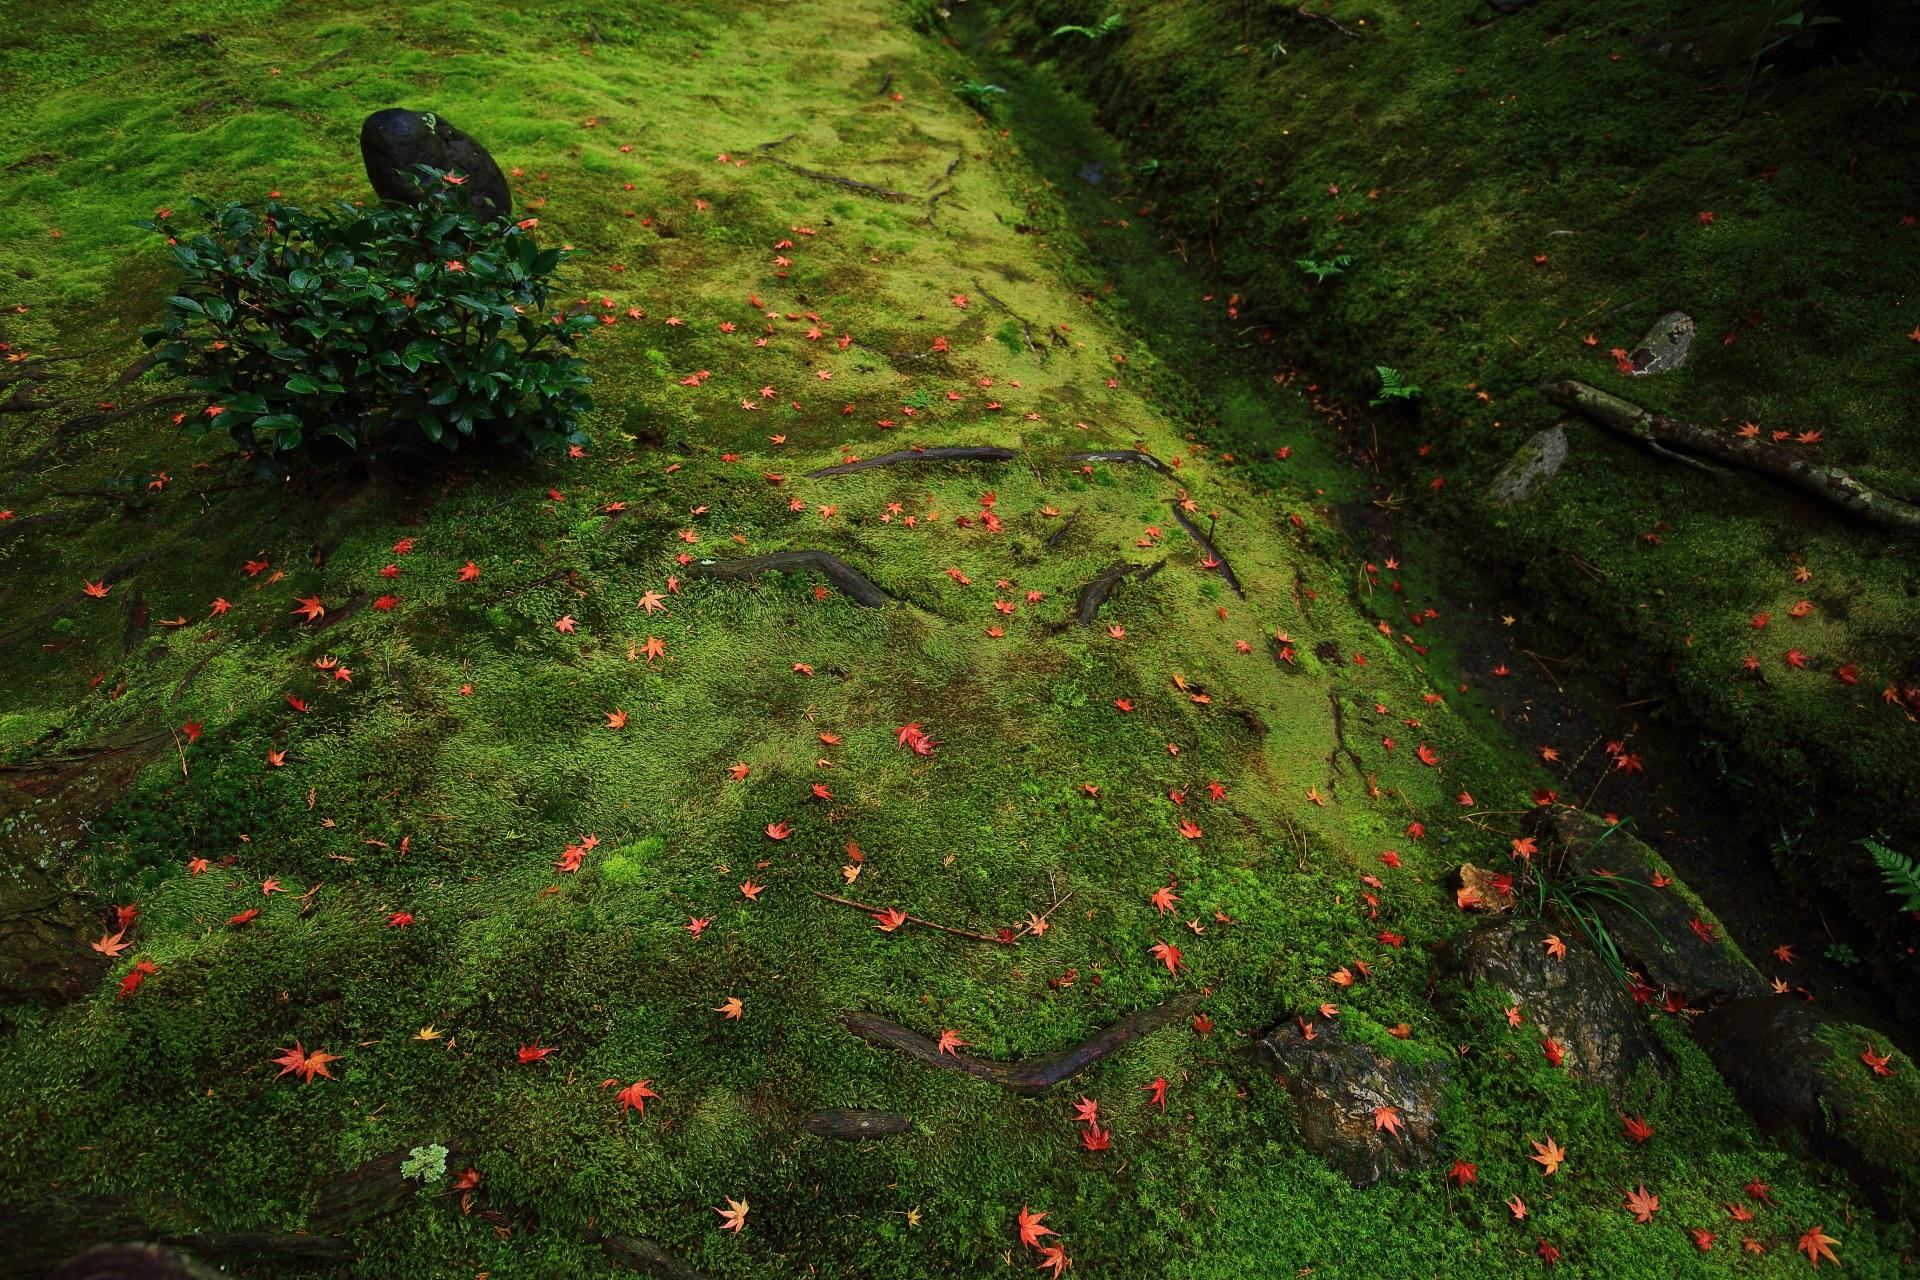 桂春院の落ち着いた緑の苔を彩る鮮やかな赤系の散りもみじ